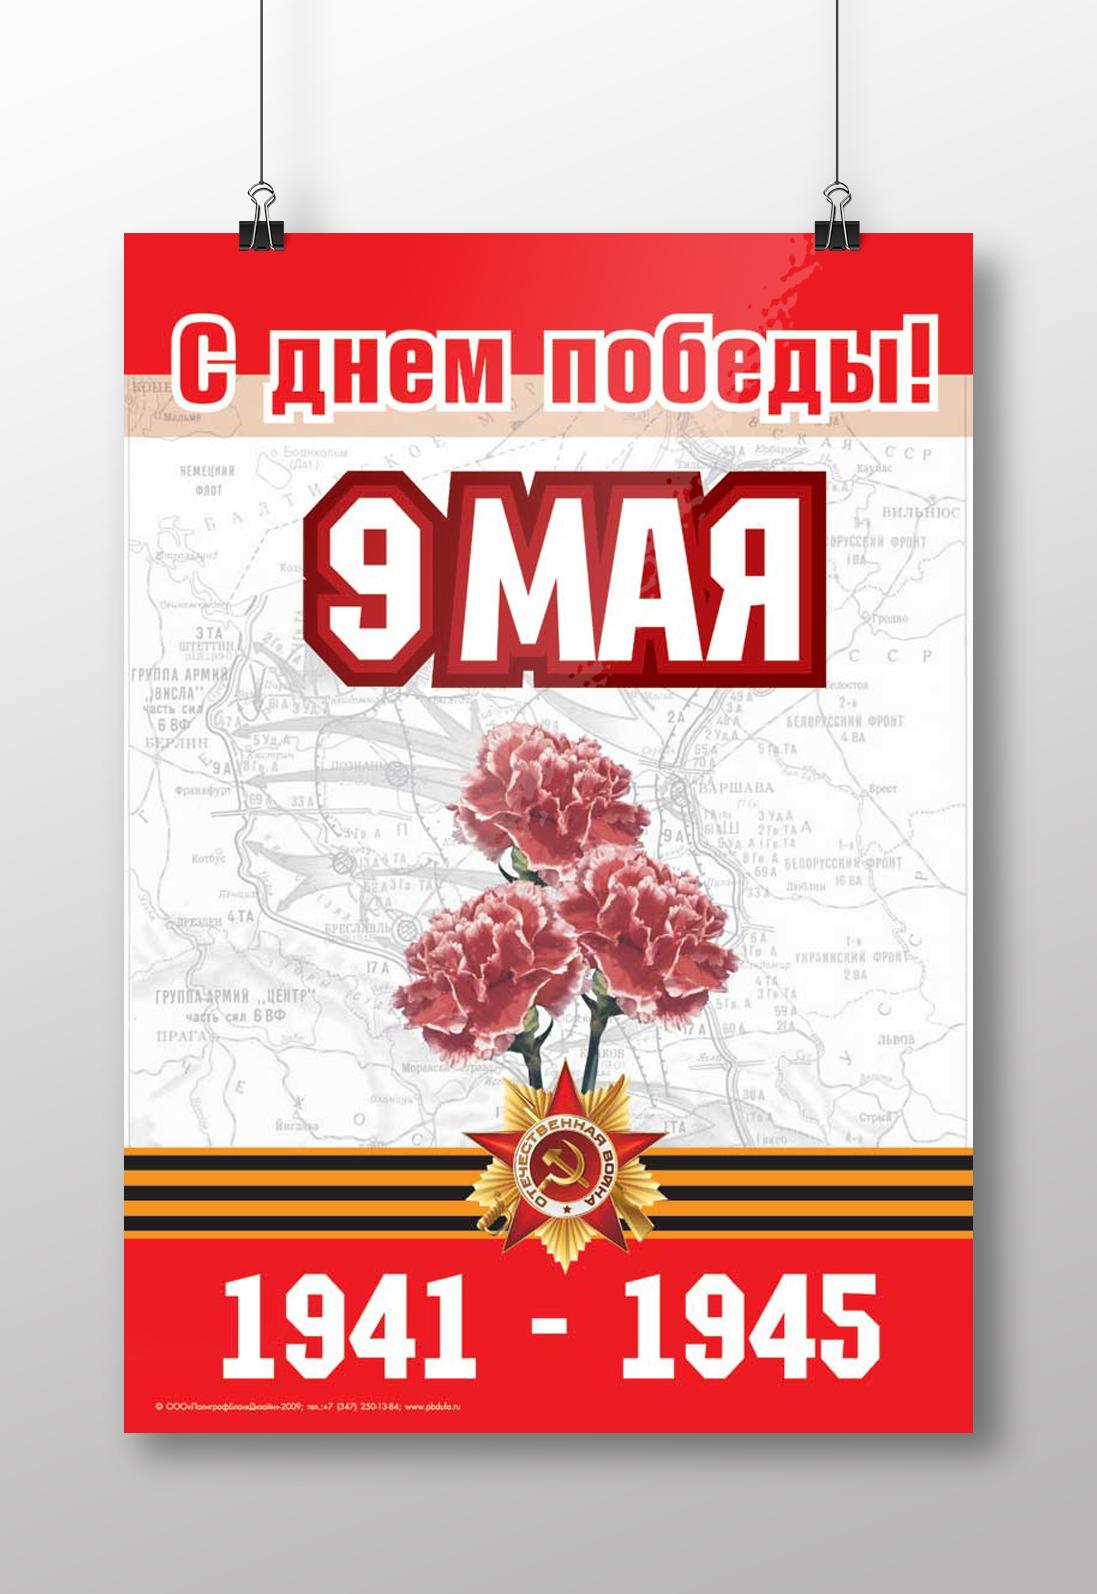 Фото плакатов 9 мая